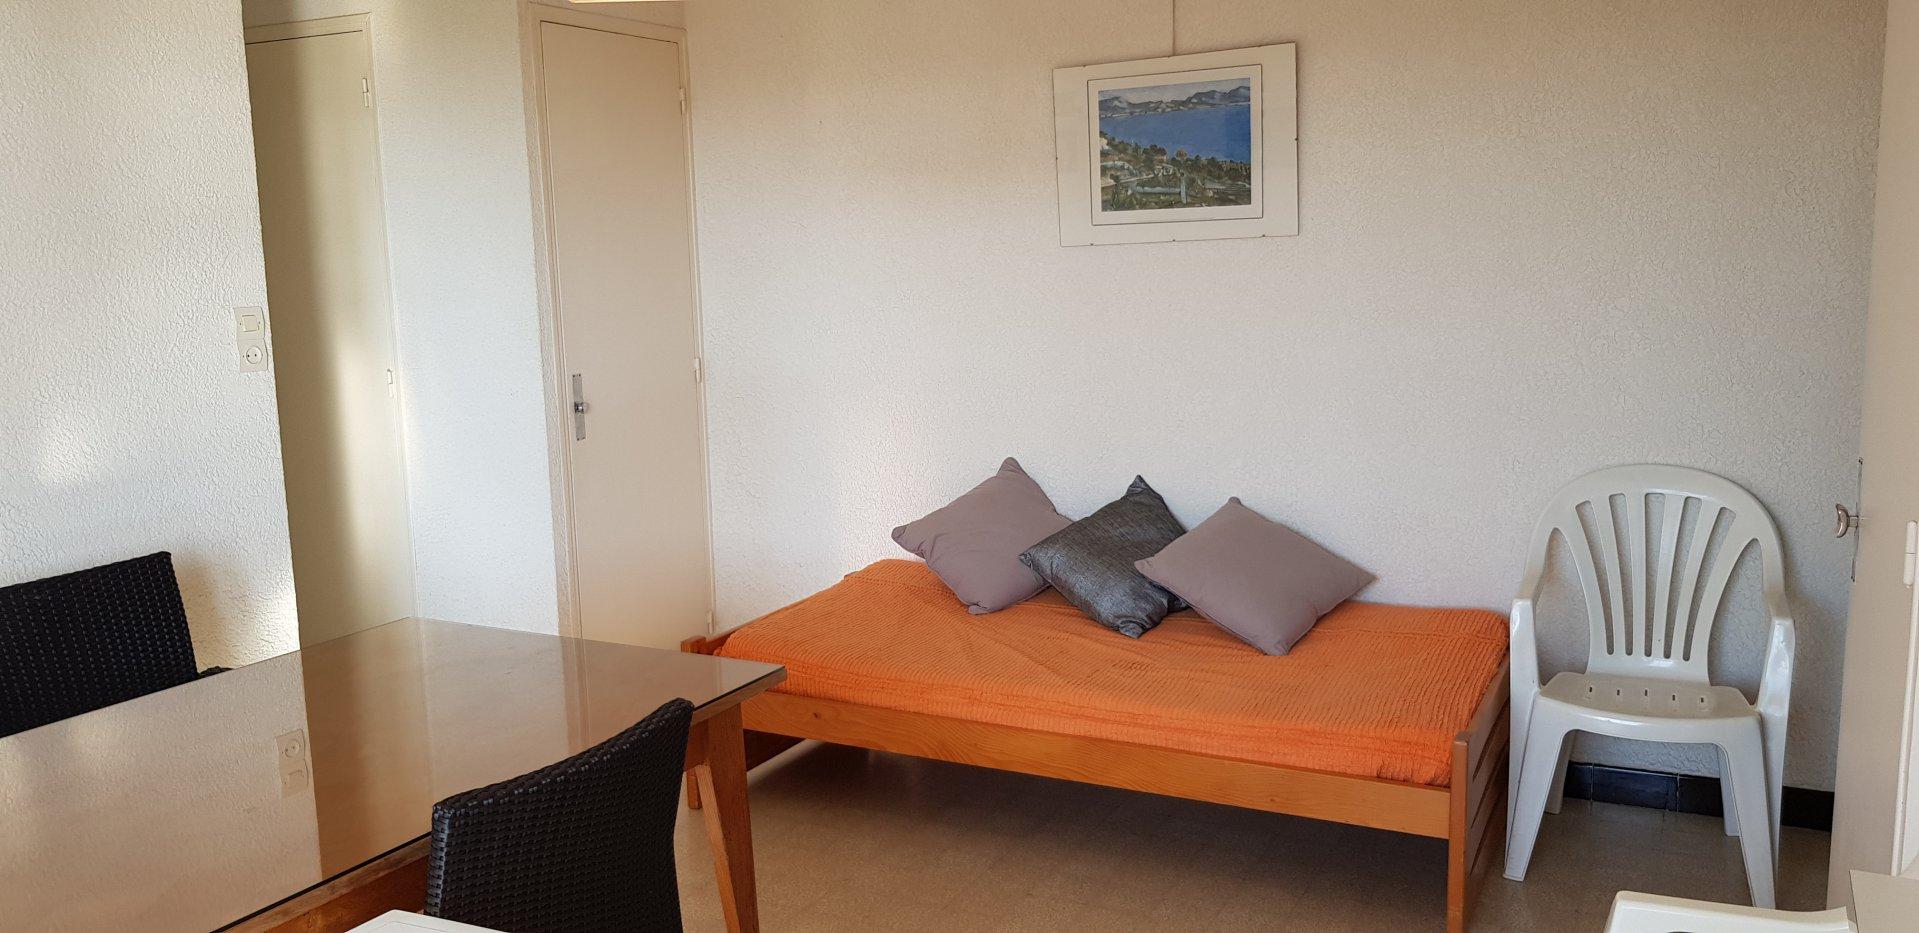 Location saisonnière Appartement - Les Lecques